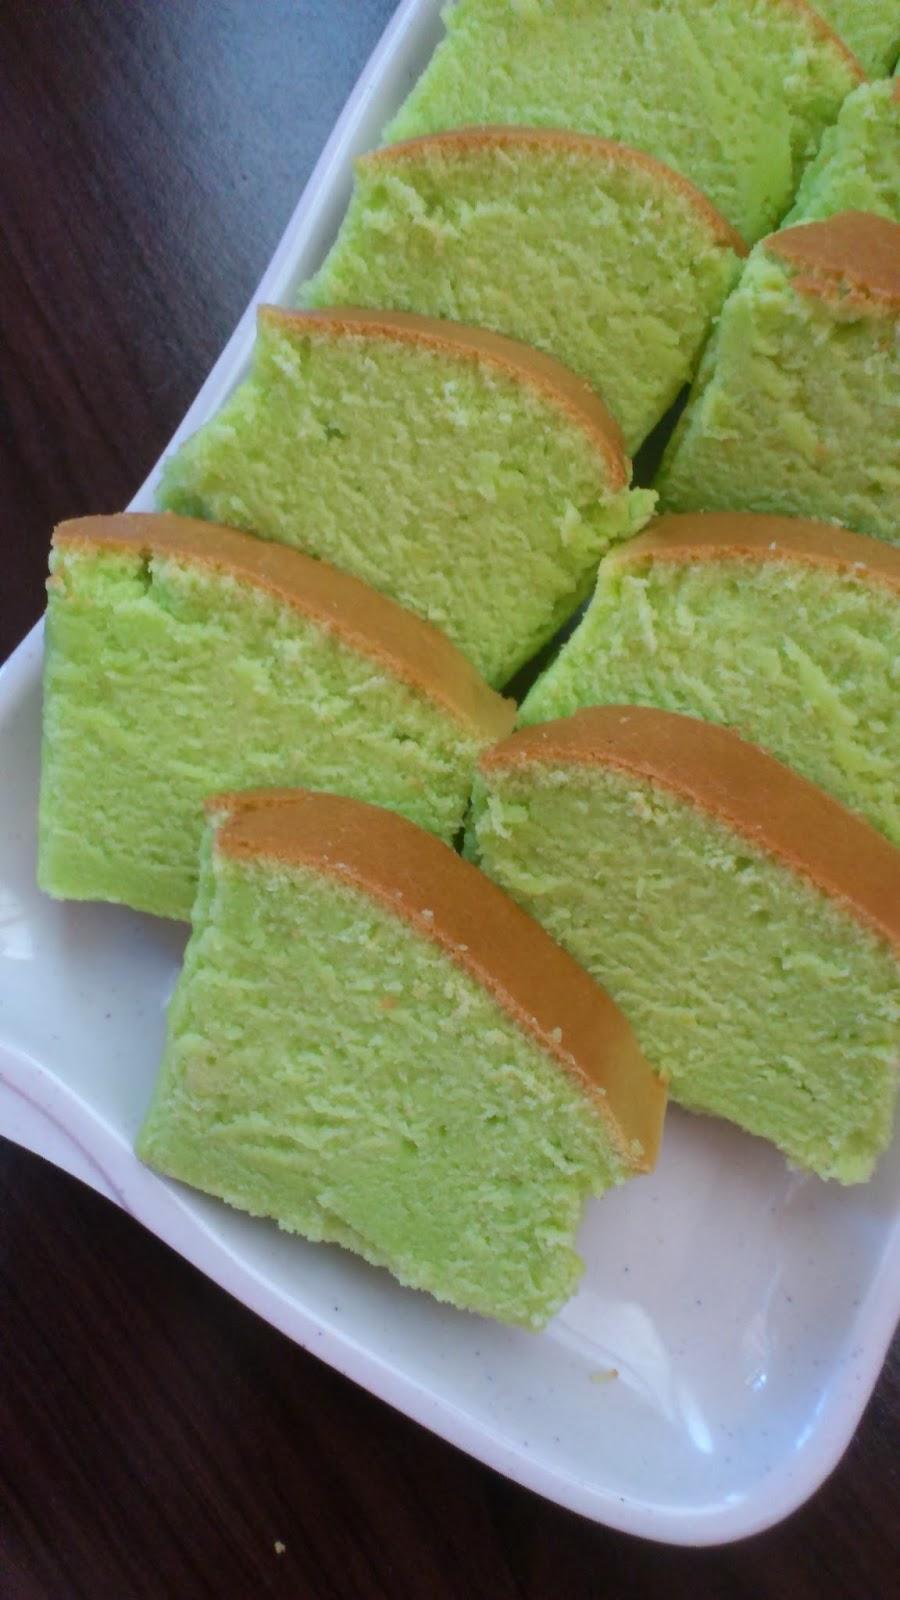 resepi kek pandan santan kukus kek span pandan santan guna sukatan cawan  belajar buat pun Resepi Kek Span Pandan Guna Sukatan Cawan Enak dan Mudah